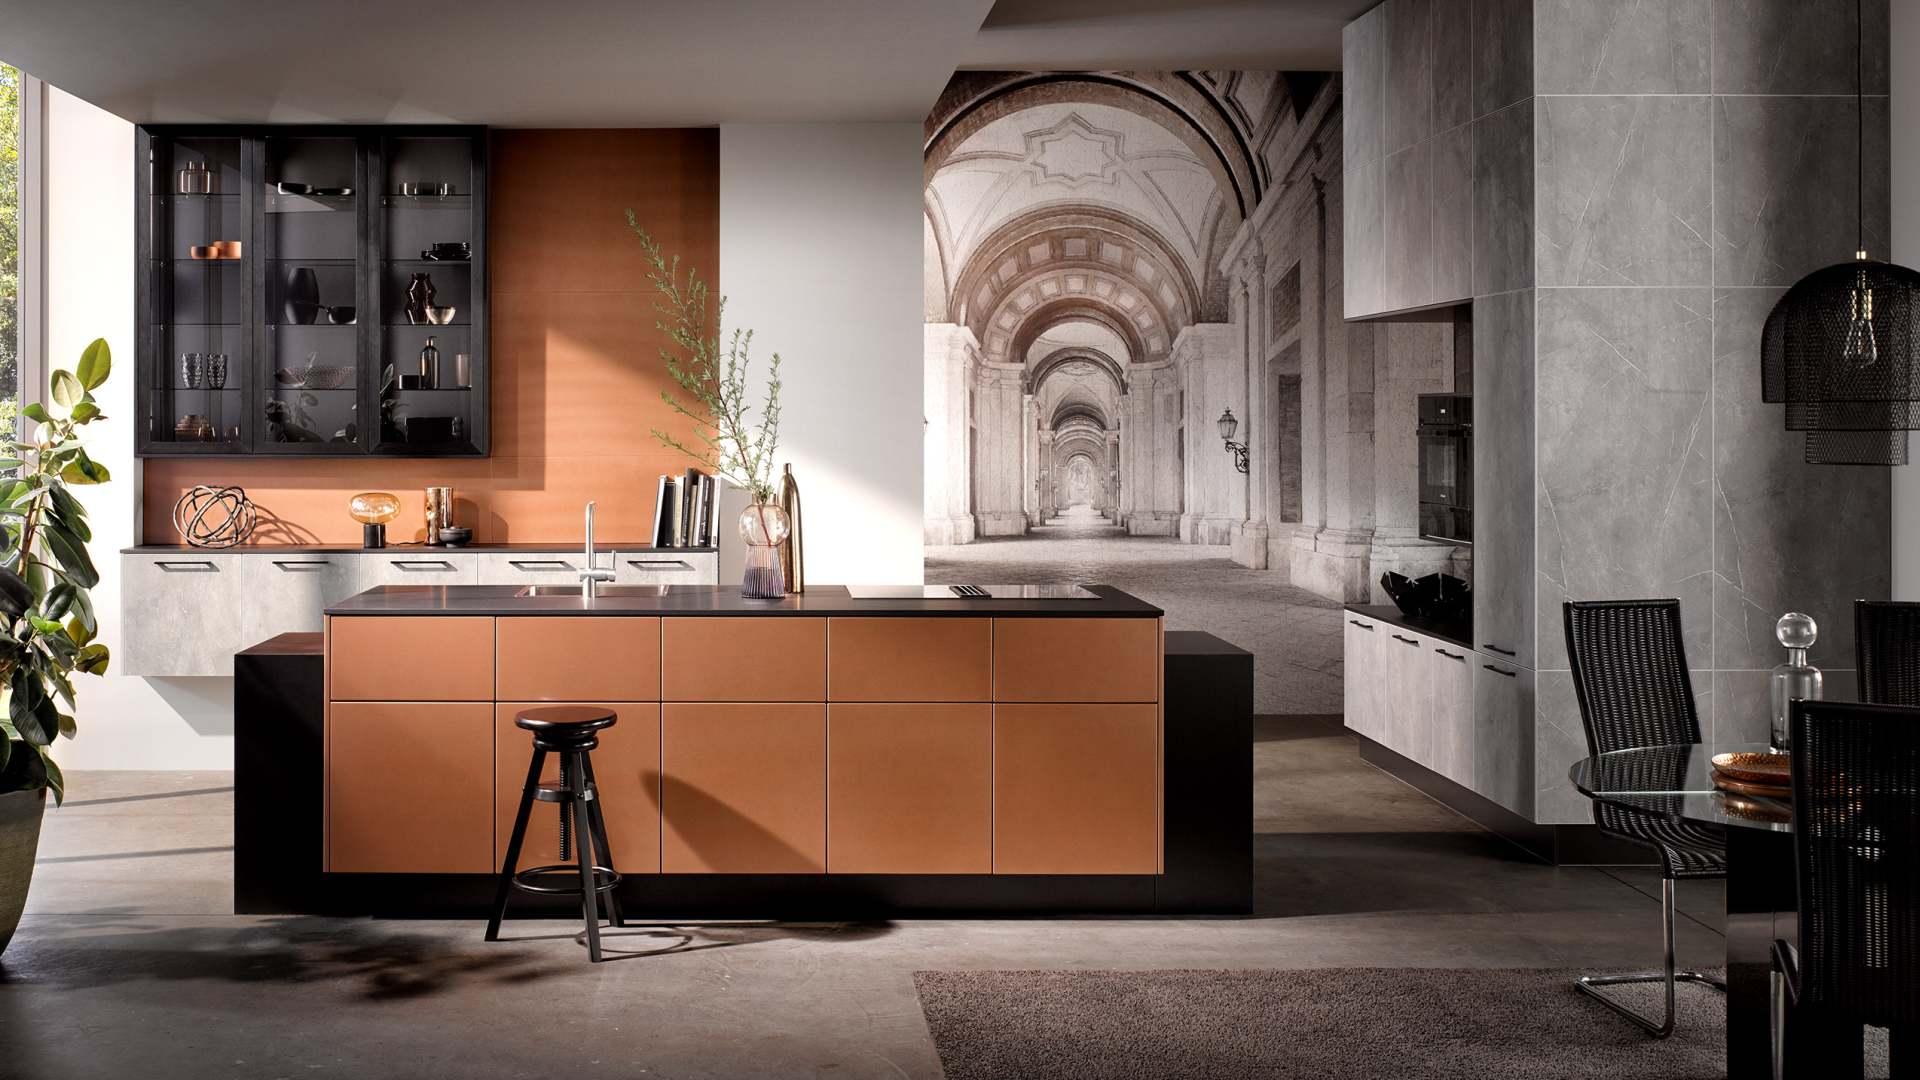 Häcker Küche | Grauer Marmor mit Kupferfronten - Küchentrends 2021